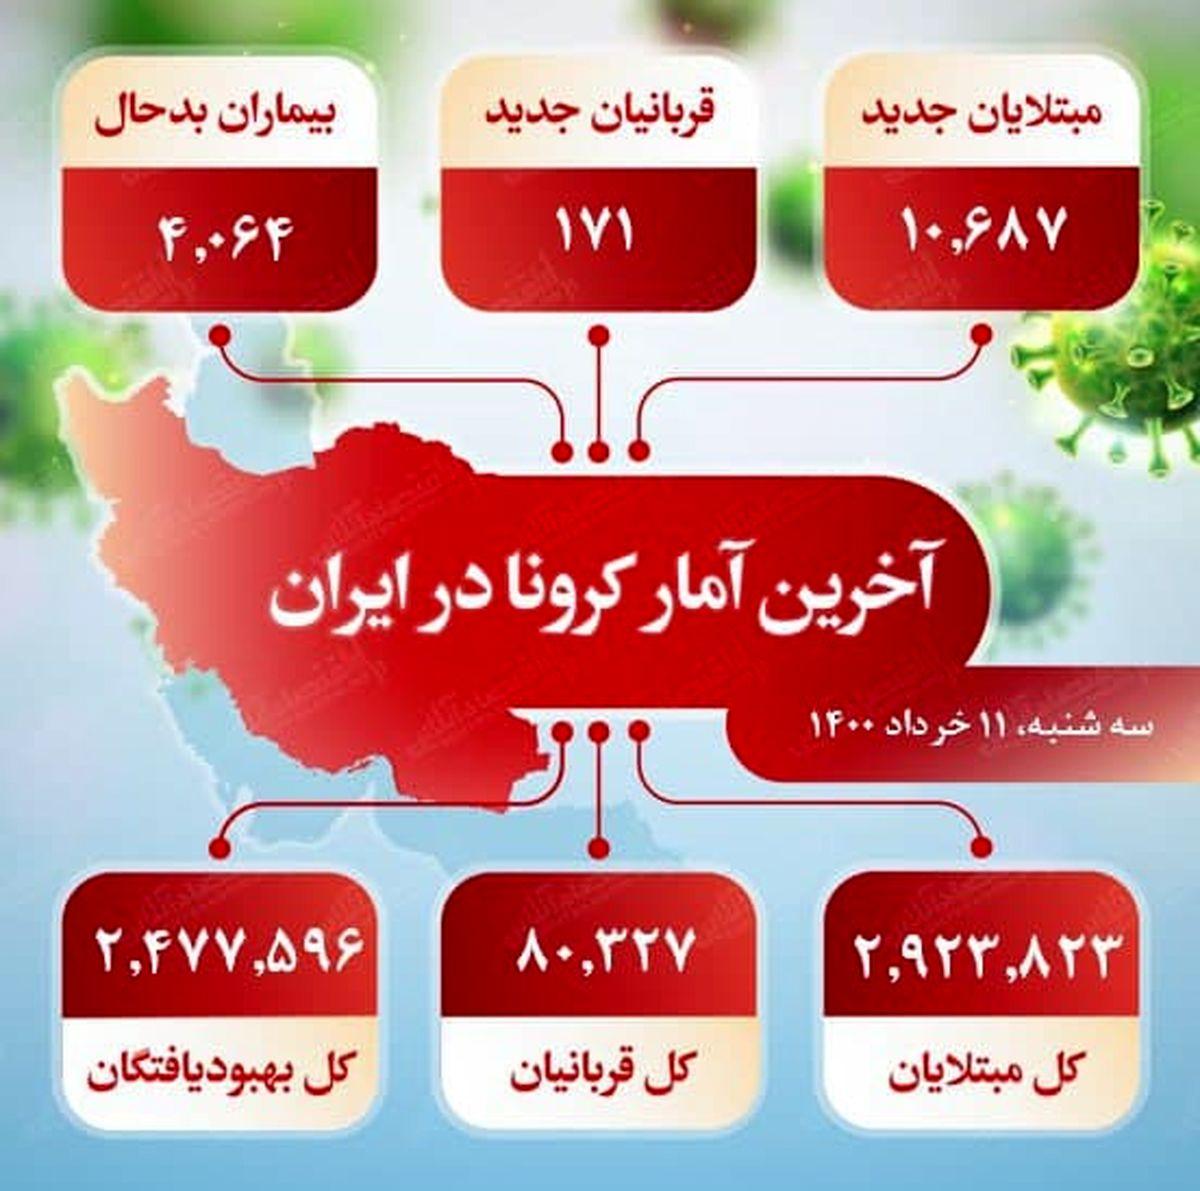 آخرین آمار کرونا در ایران (۱۴۰۰/۳/۱۱)